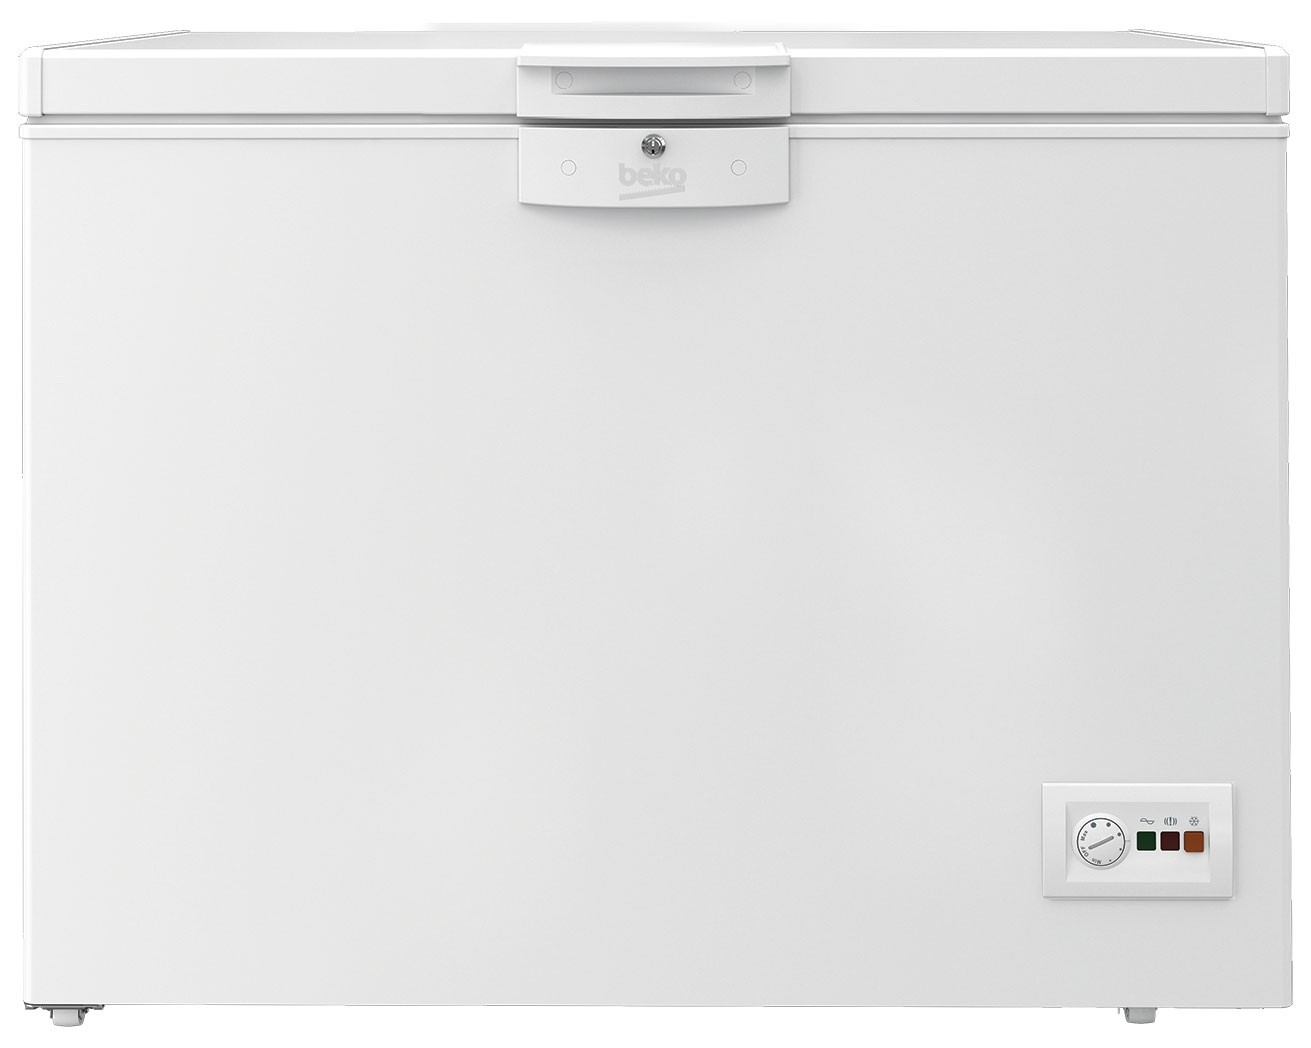 Lada frigorifica Beko HSA24540N